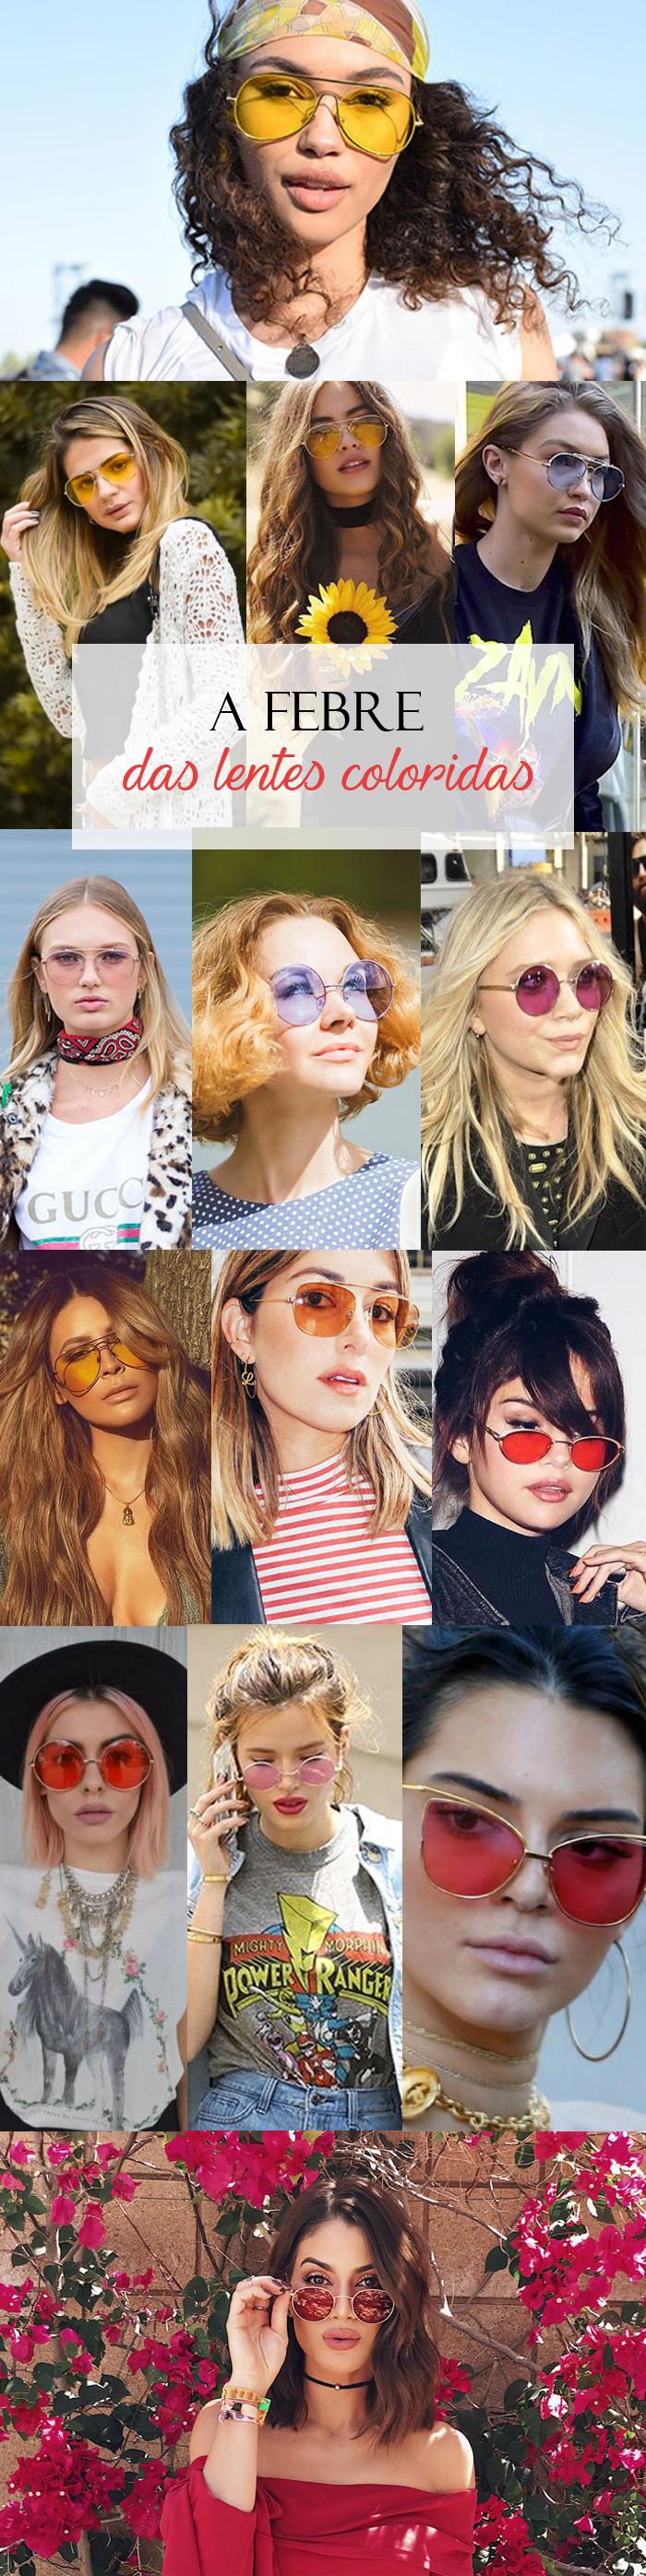 Pra quem não lembra óculos de lente amarela foram bastante usados por Bono  Vox e Rita Lee. Amado por muitos e odiado por outros, eles voltaram com  tudo e ... b3938ebb73